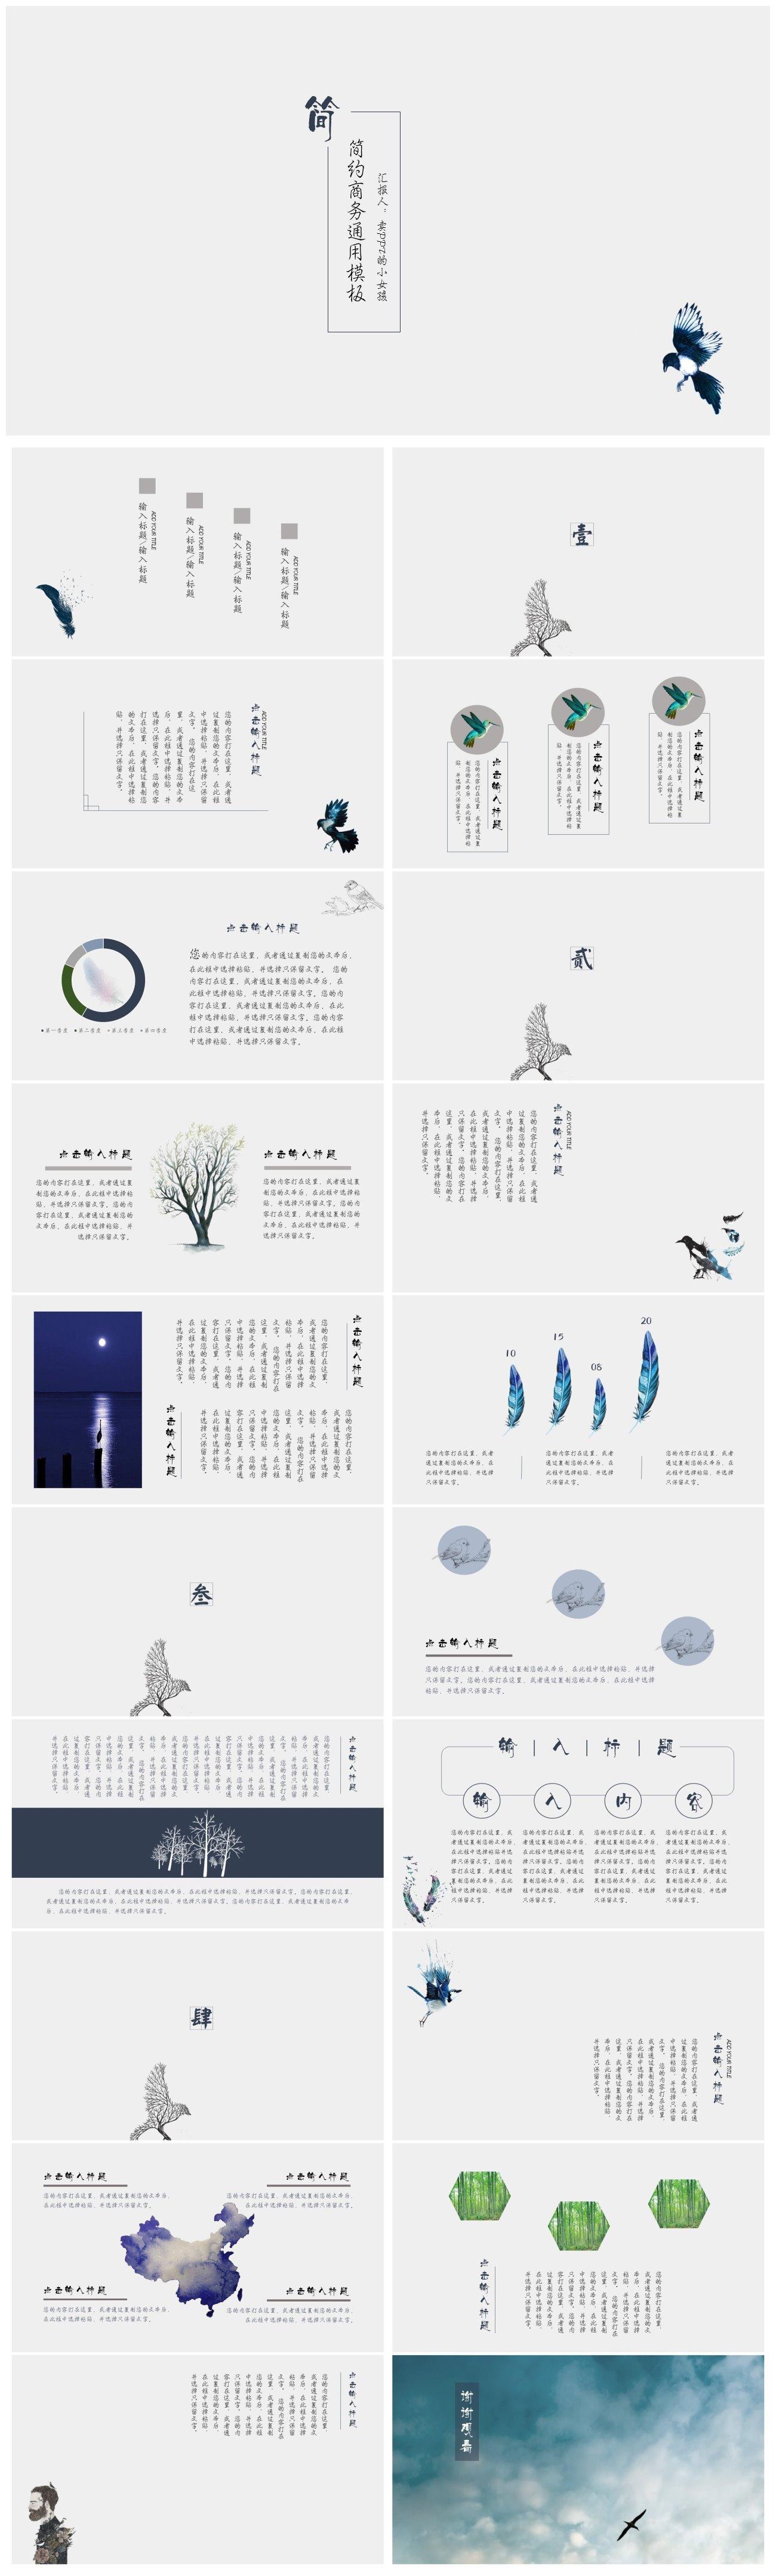 """免费ppt模板【简】简约蓝色小鸟元素通用模板 计划"""""""